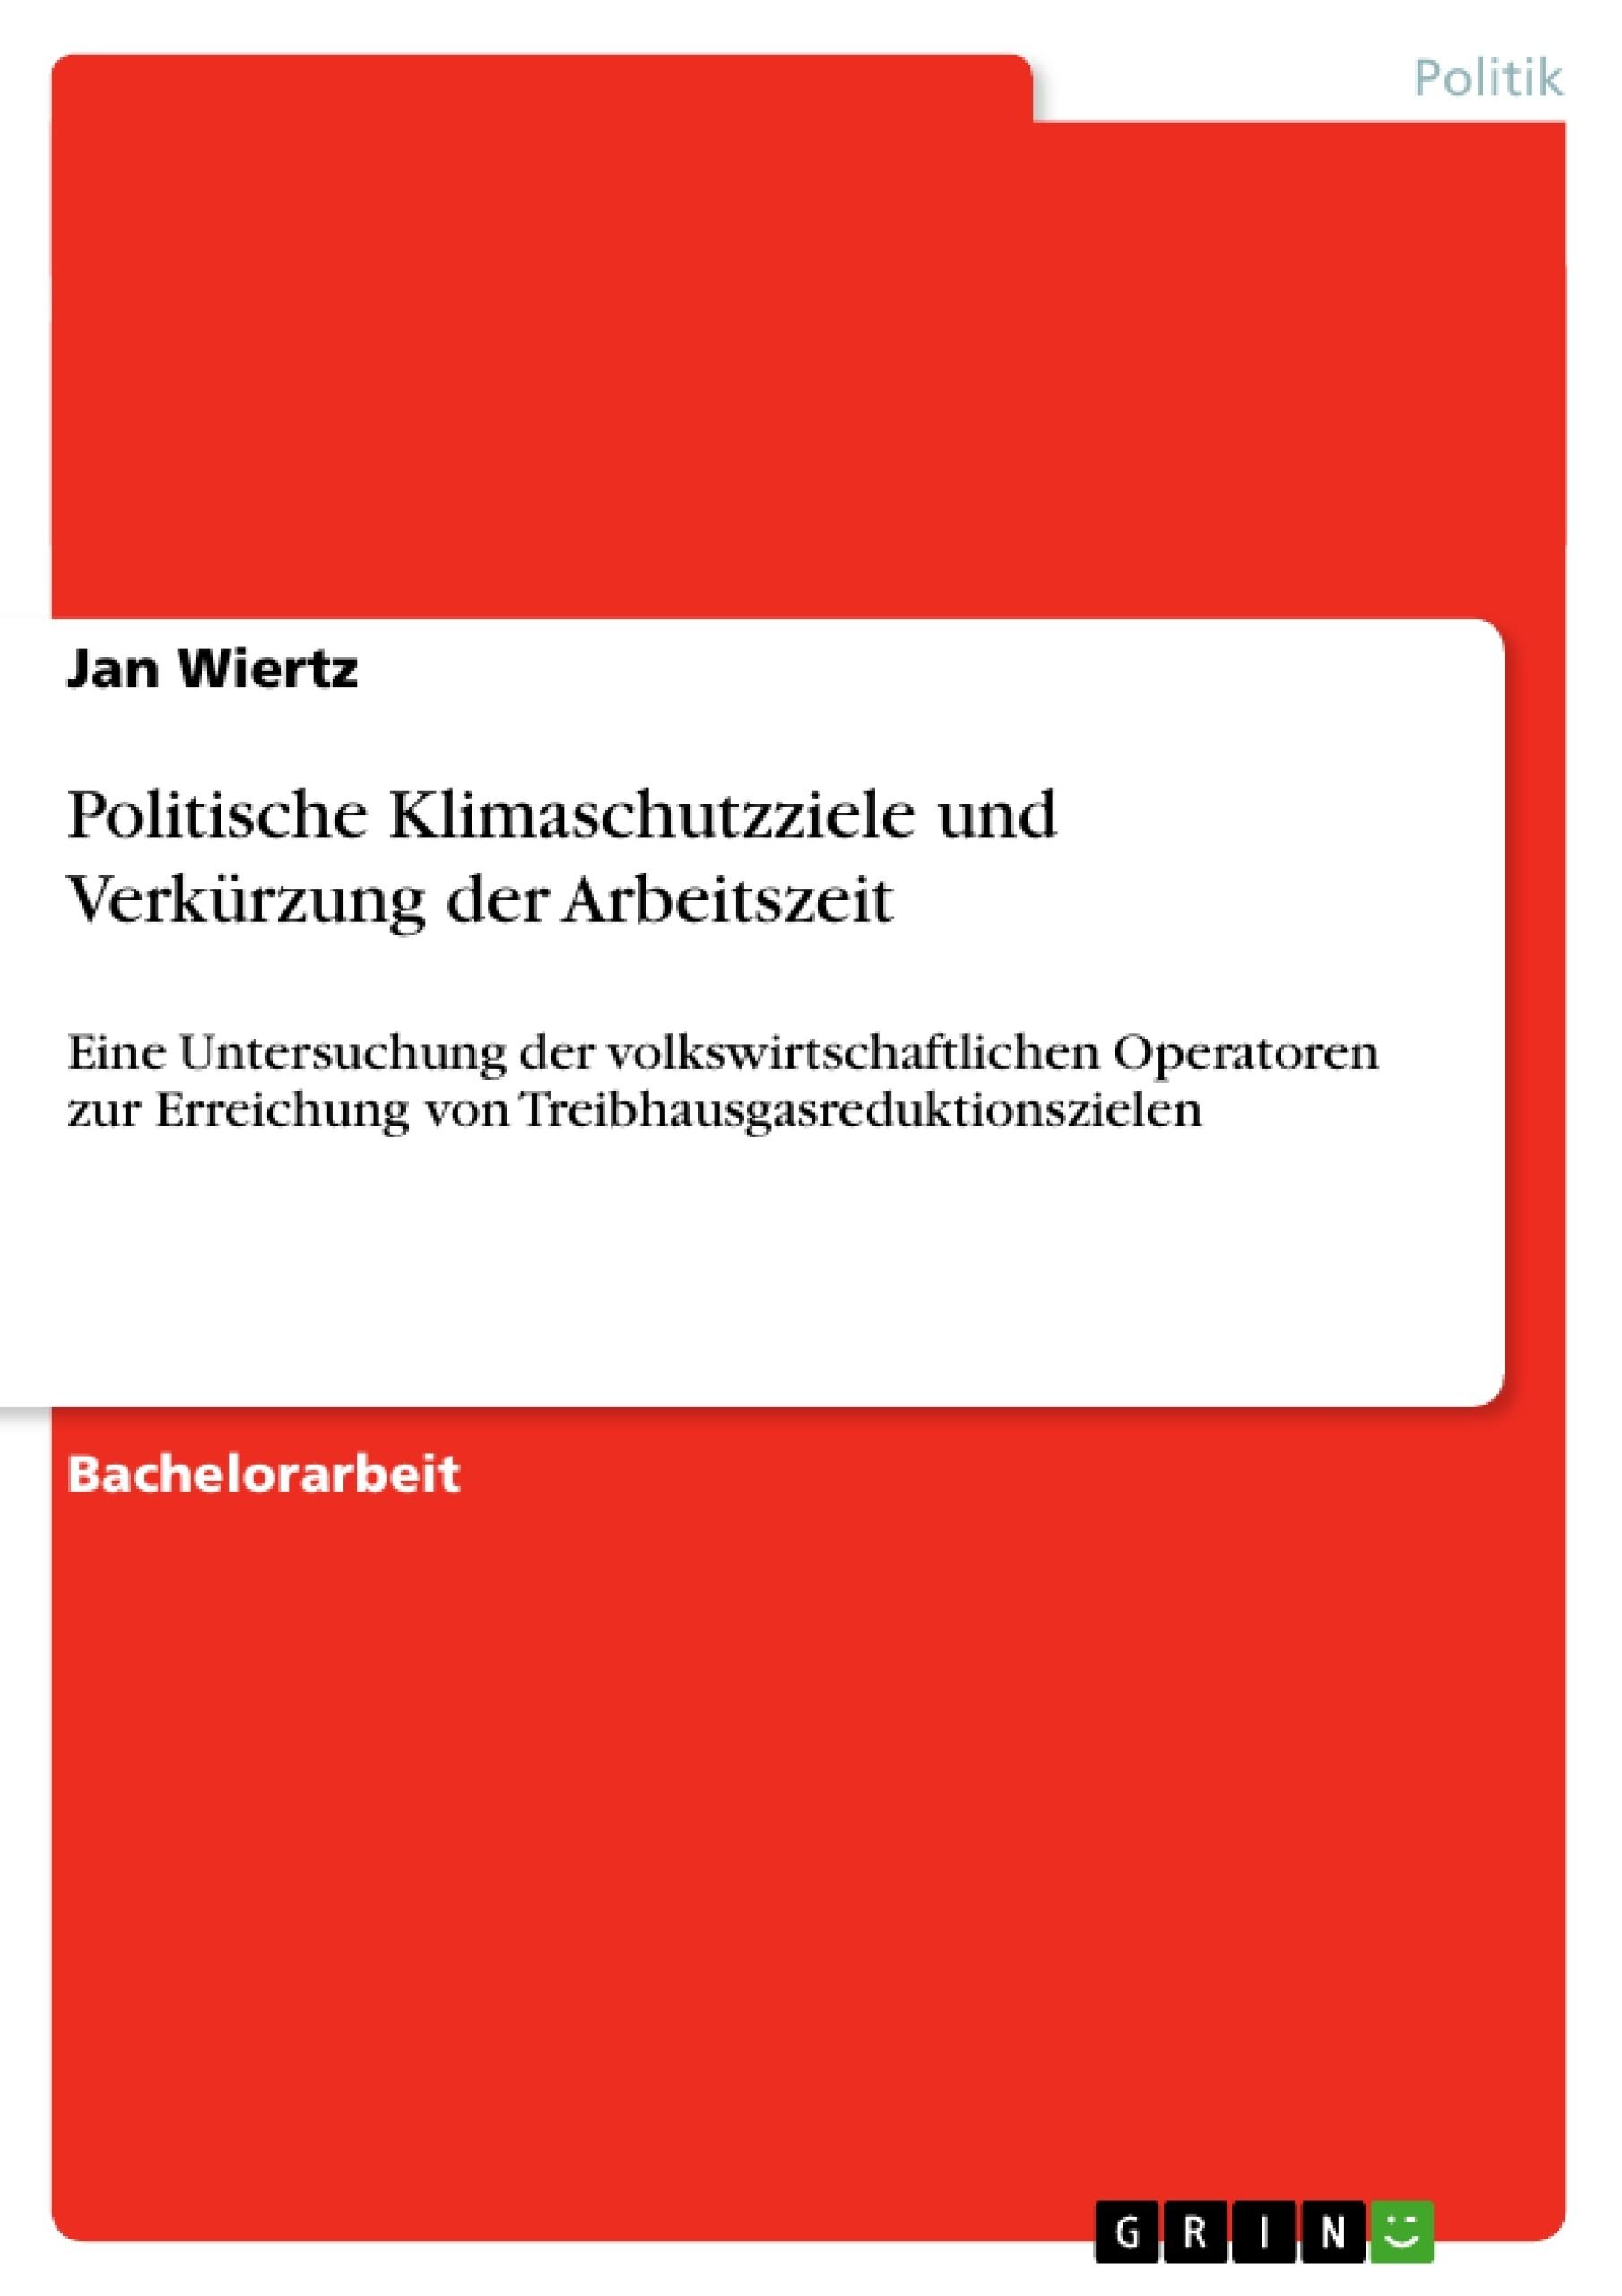 Titel: Politische Klimaschutzziele und Verkürzung der Arbeitszeit